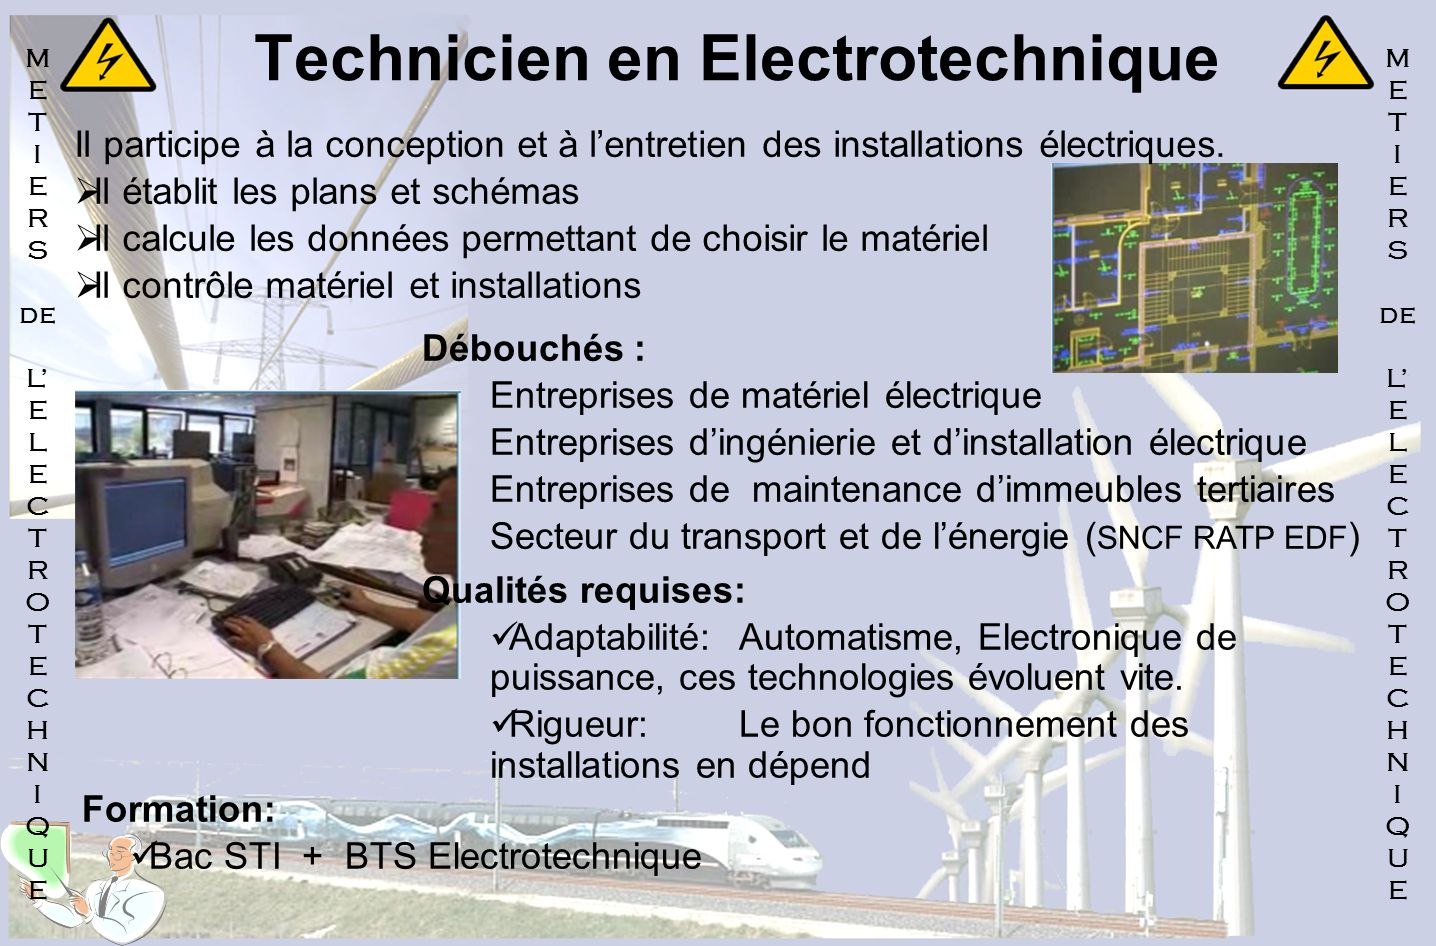 Technicien en Electrotechnique